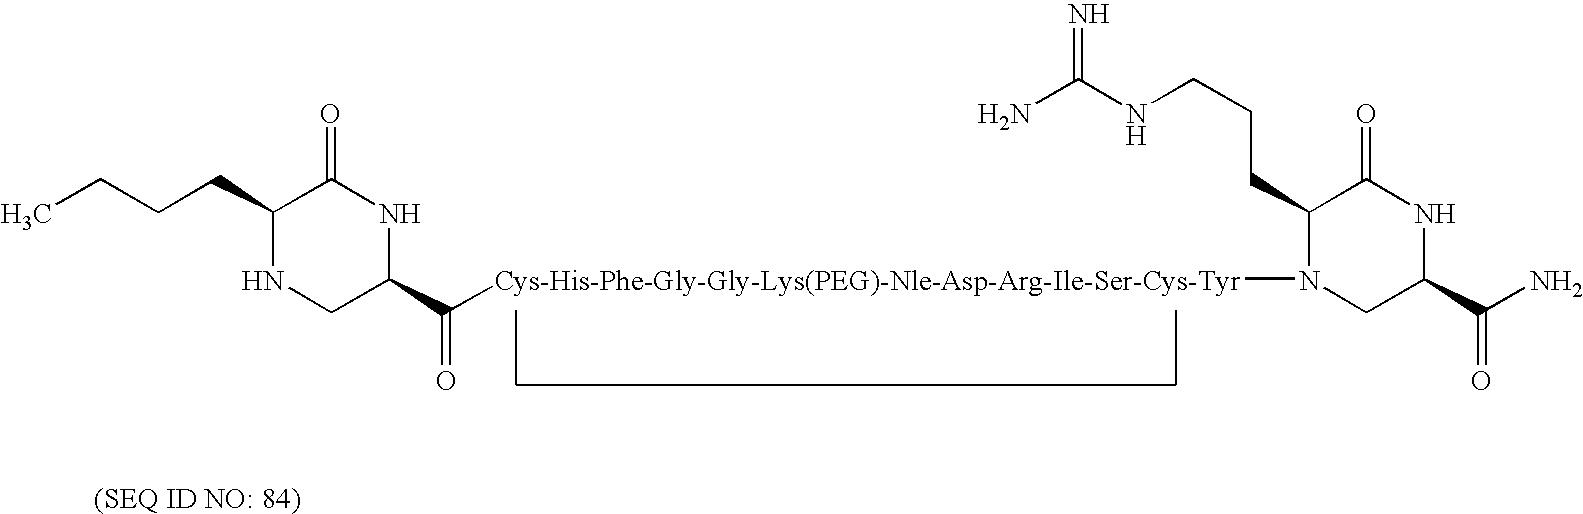 Figure US07622440-20091124-C00385